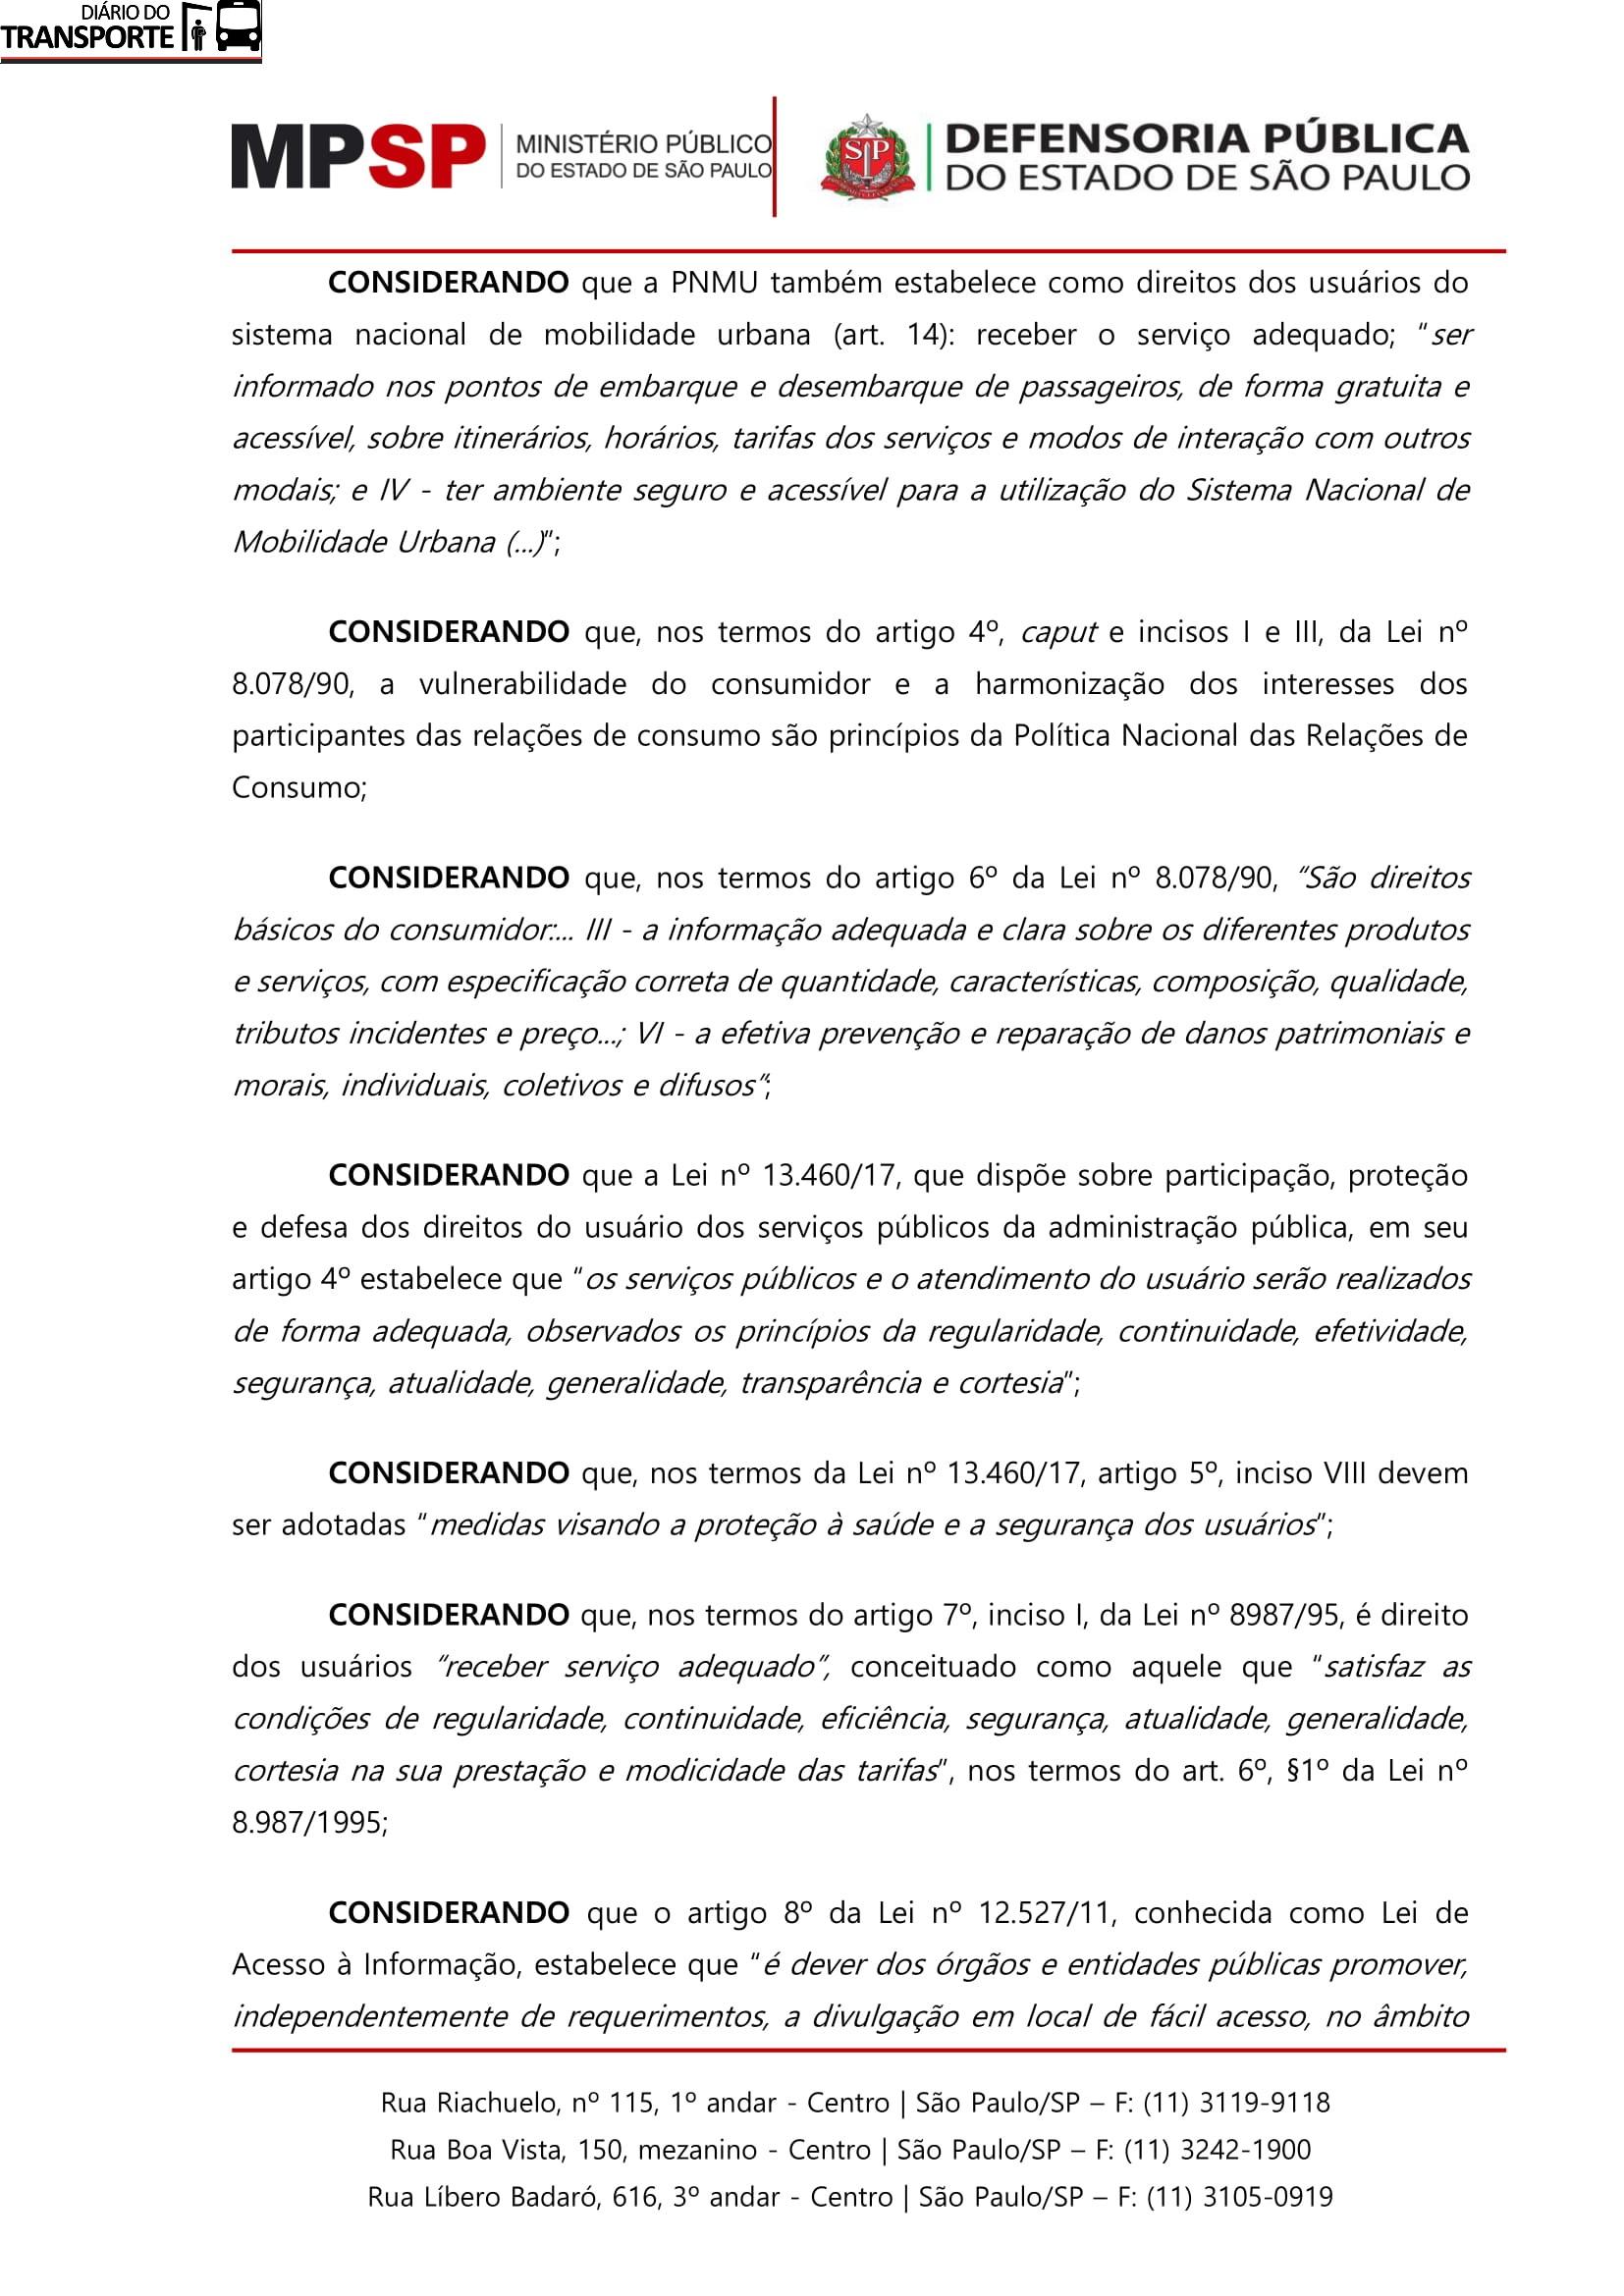 recomendação transporte_EMTU-04